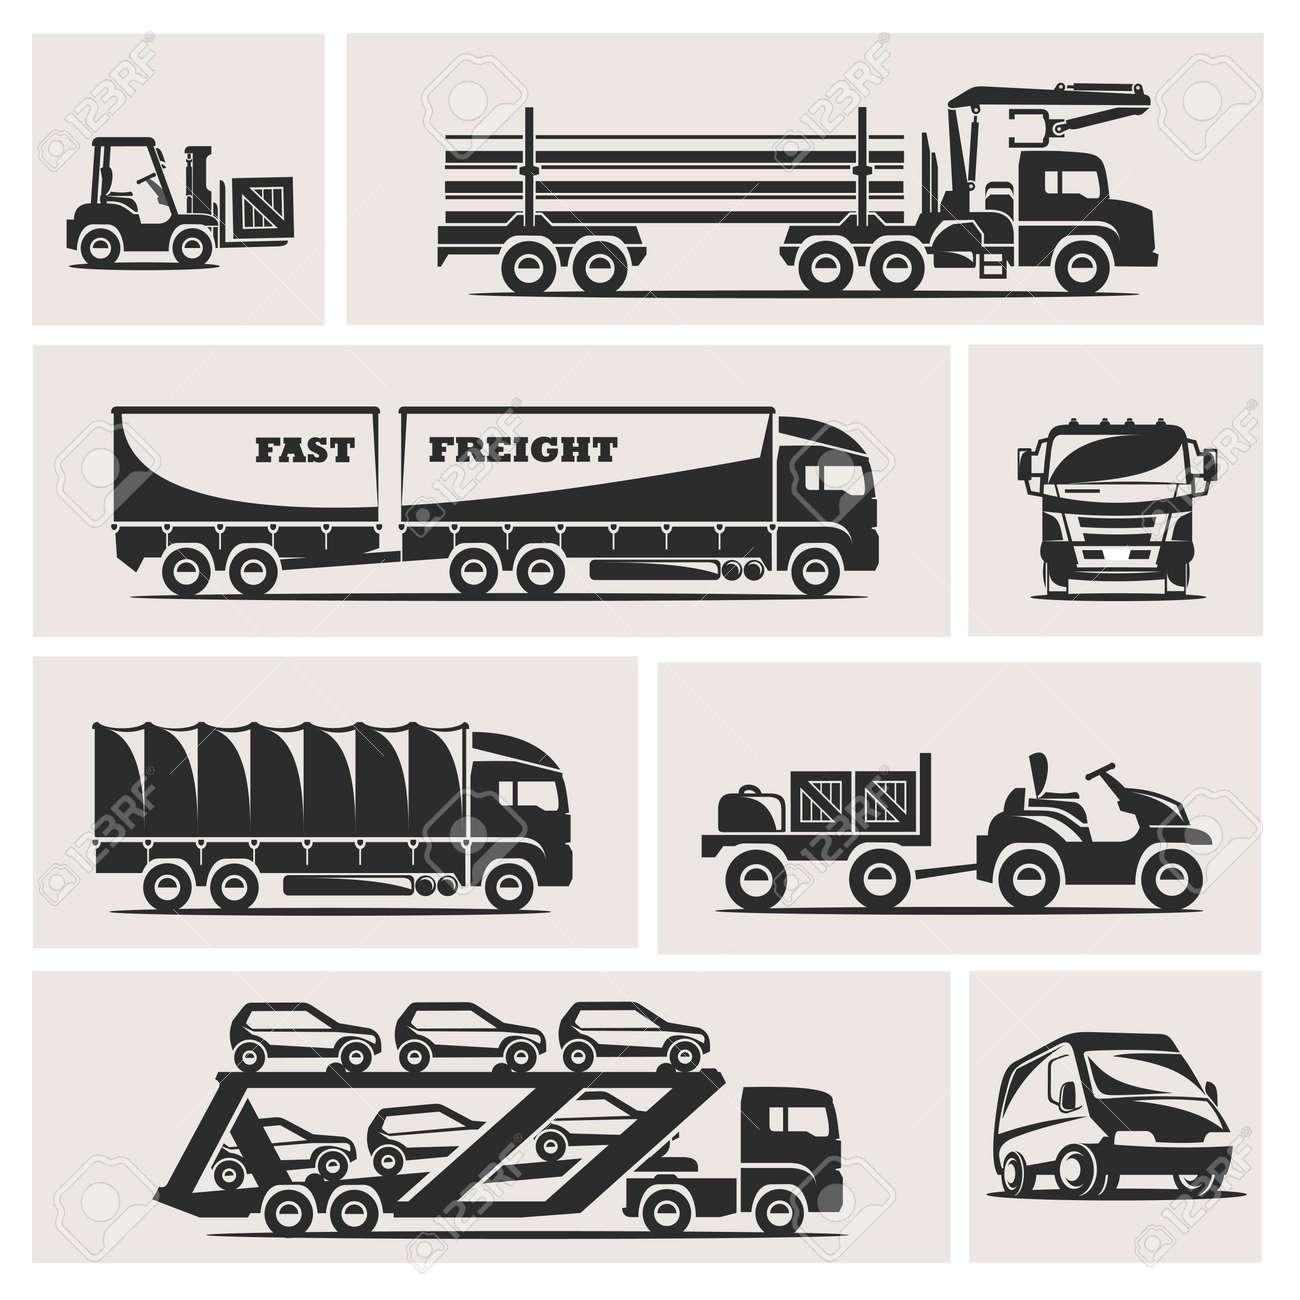 transportation Stock Vector - 16304361